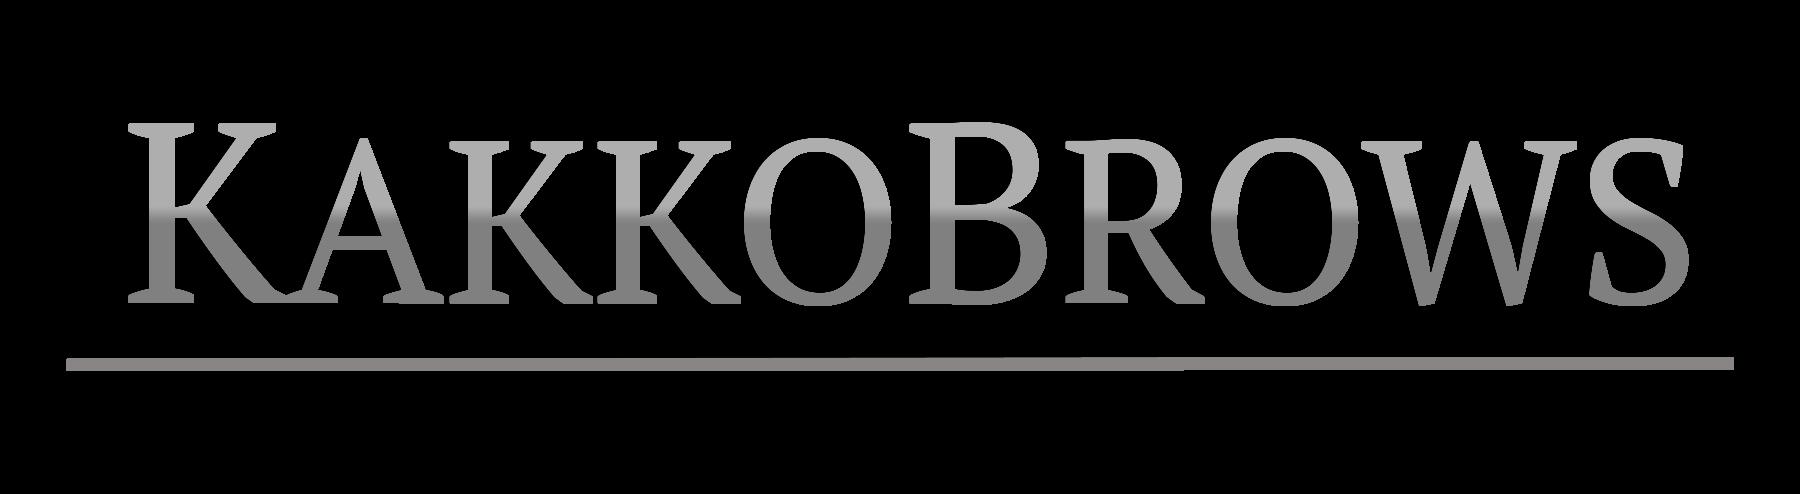 KakkoBrows